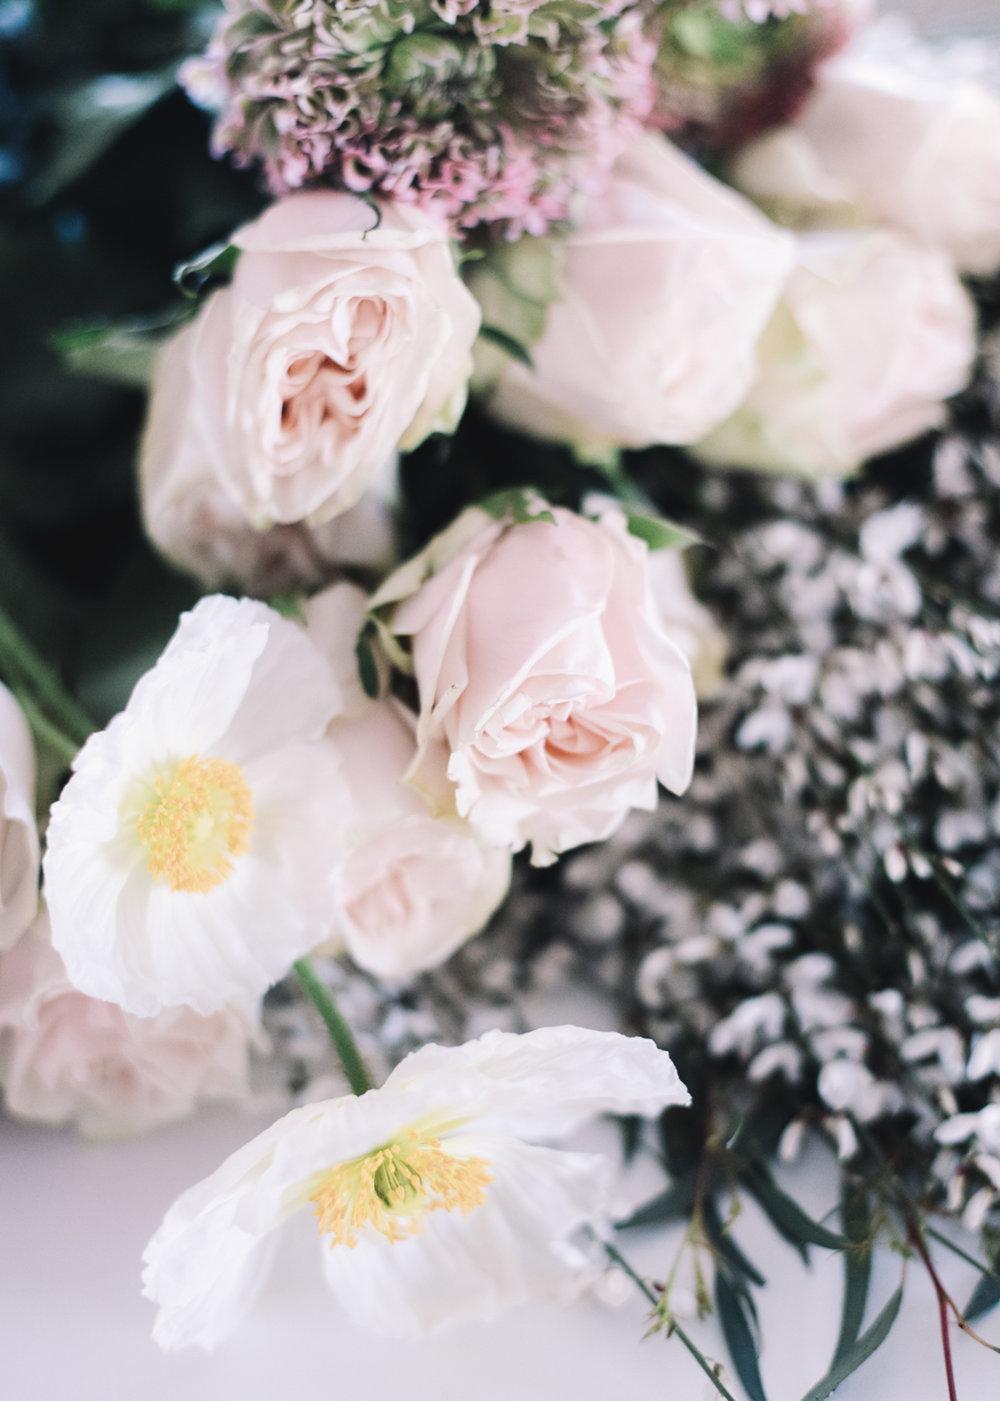 DIY Floral Arrangement | A Fabulous Fete